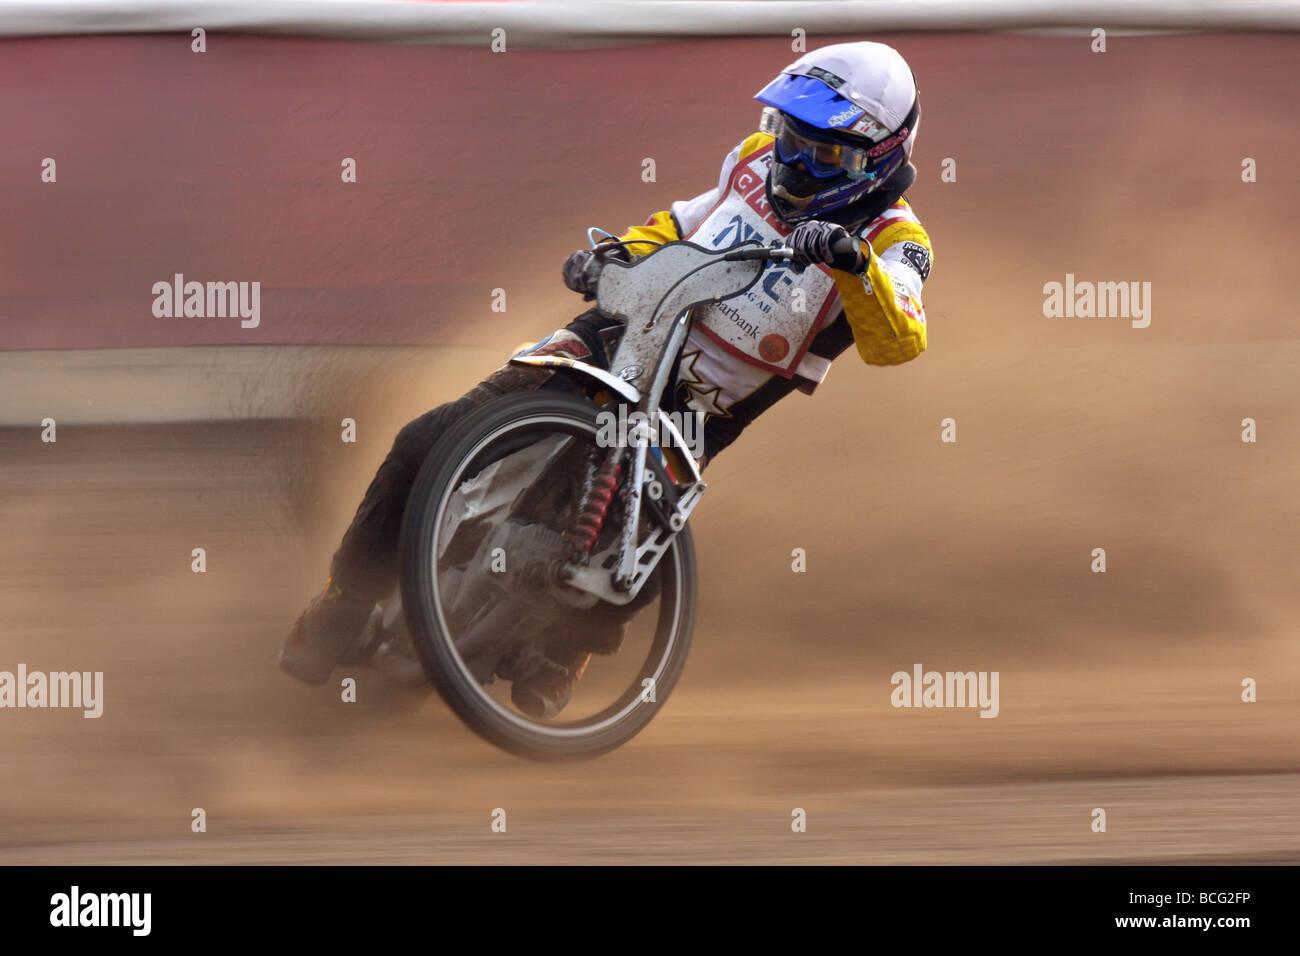 Speedway racing en Svansta Race Track en Nyköping, Suecia. Team Griparna. Imagen De Stock